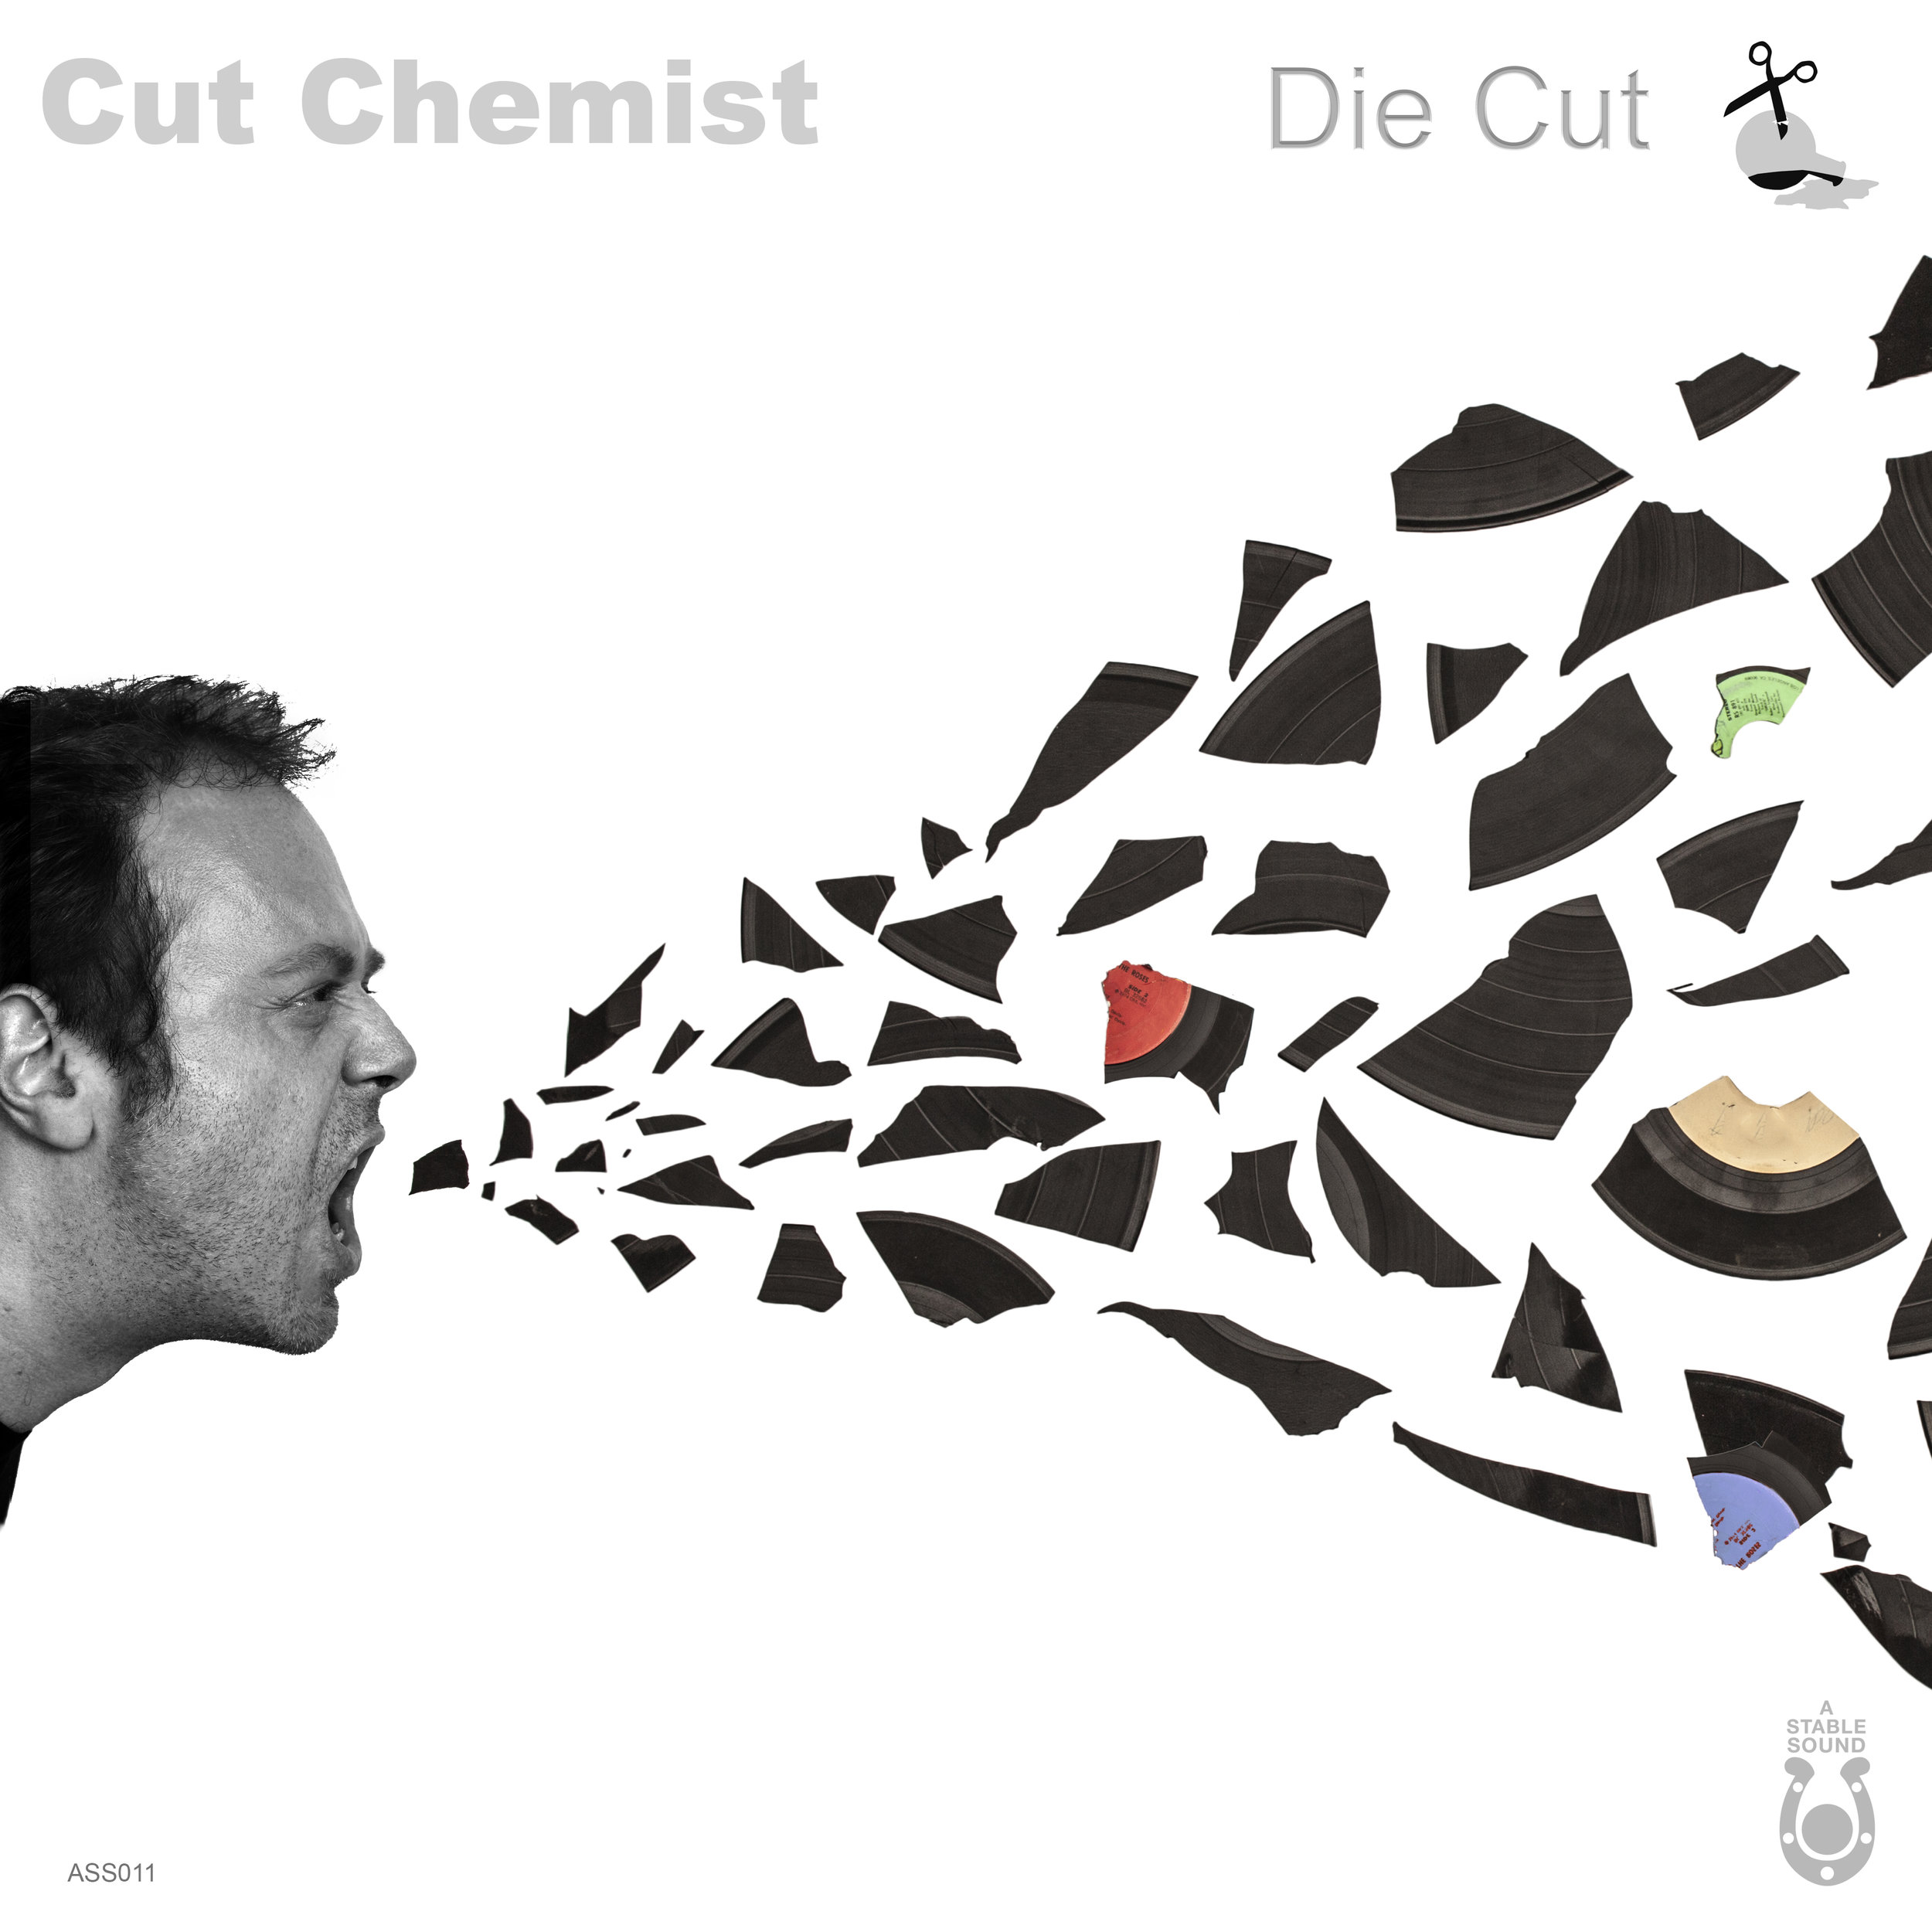 Die_Cut_Cover_Image_2_digital_4.jpg